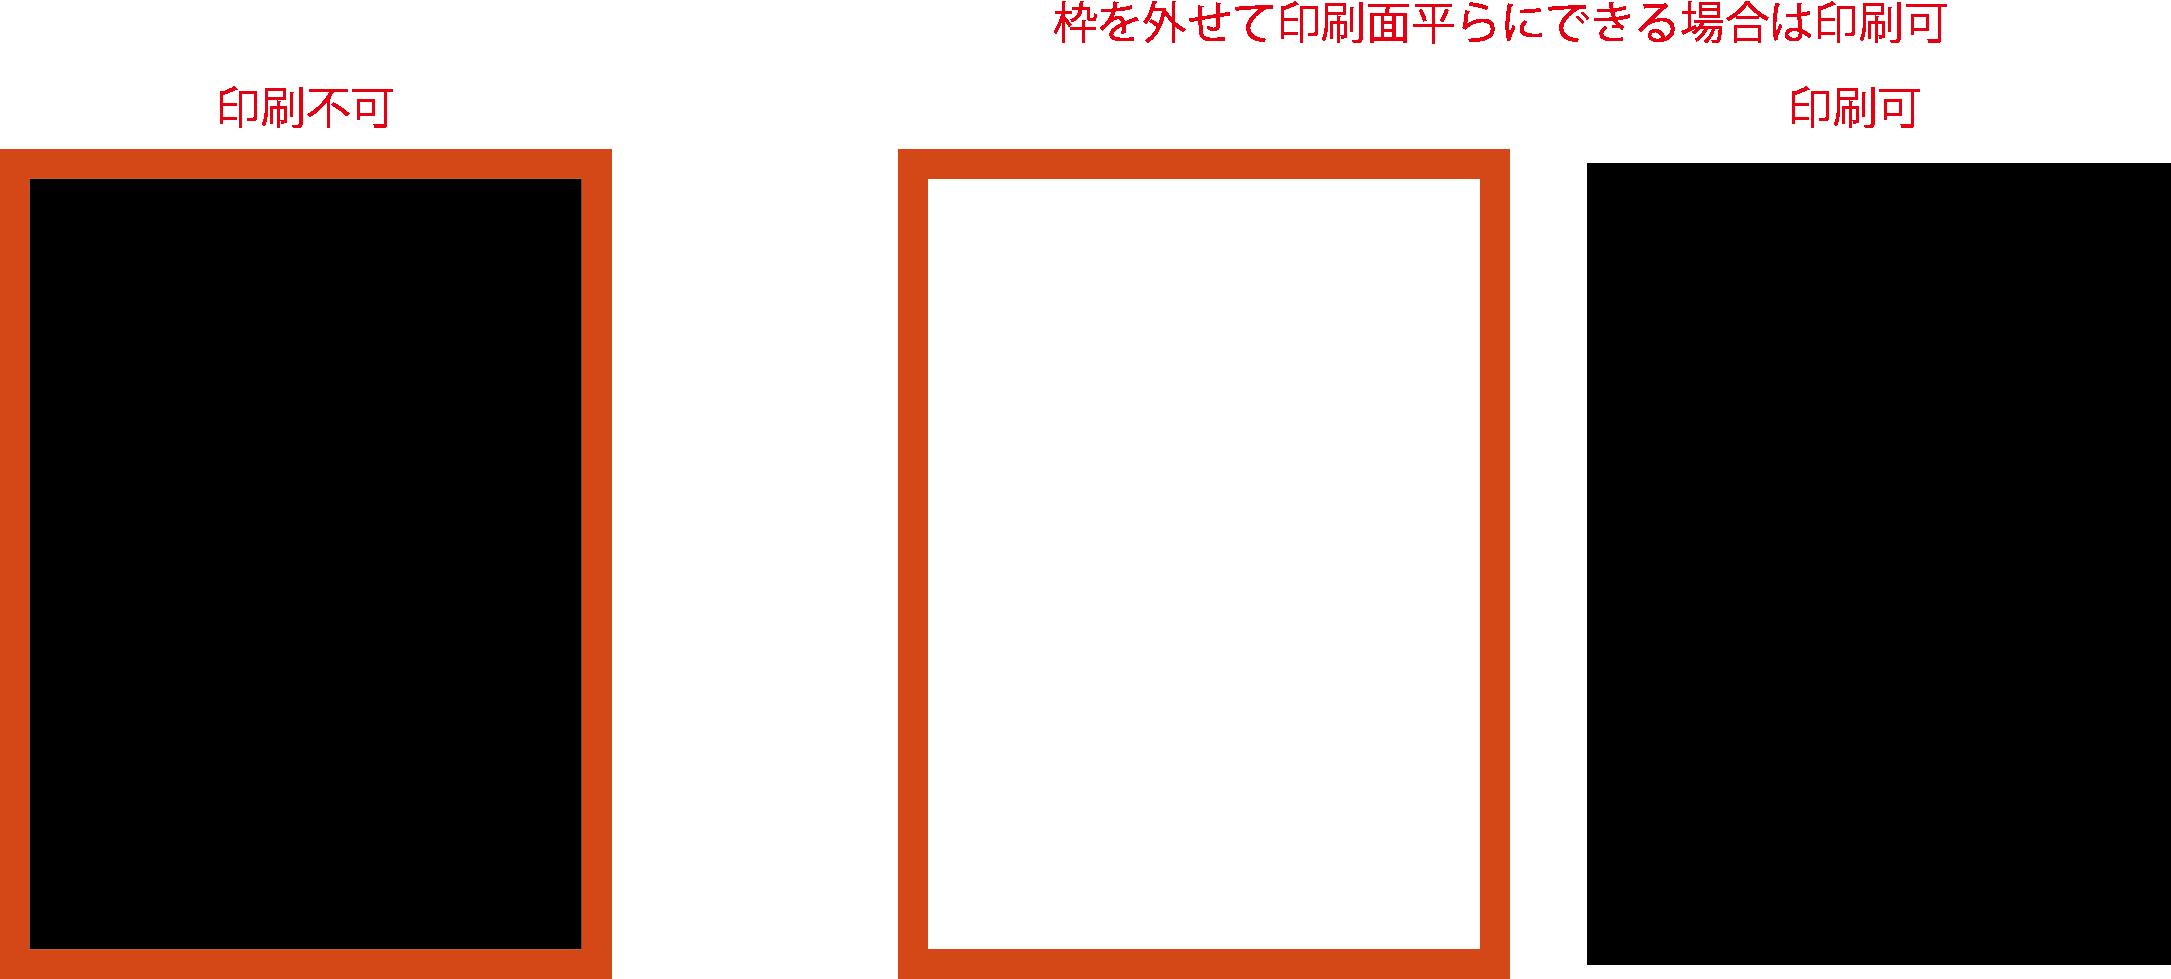 黒板に文字やロゴなどプリントいたします 有 大石孔版